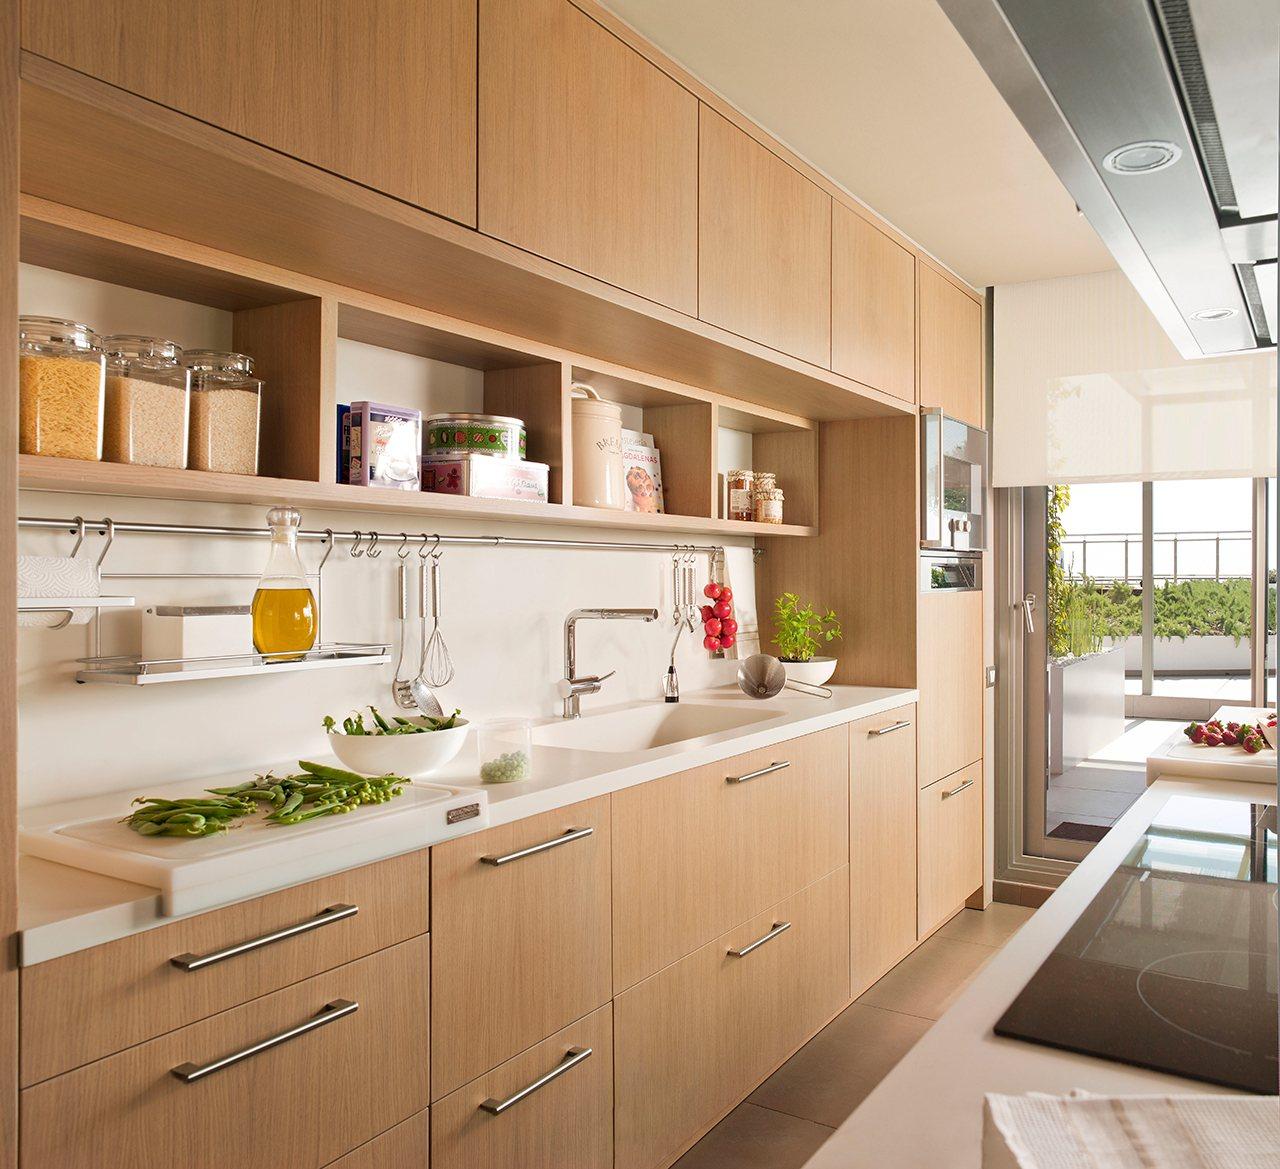 Ideas para aprovechar el espacio en las cocinas peque as for Ideas para cocinas pequenas modernas